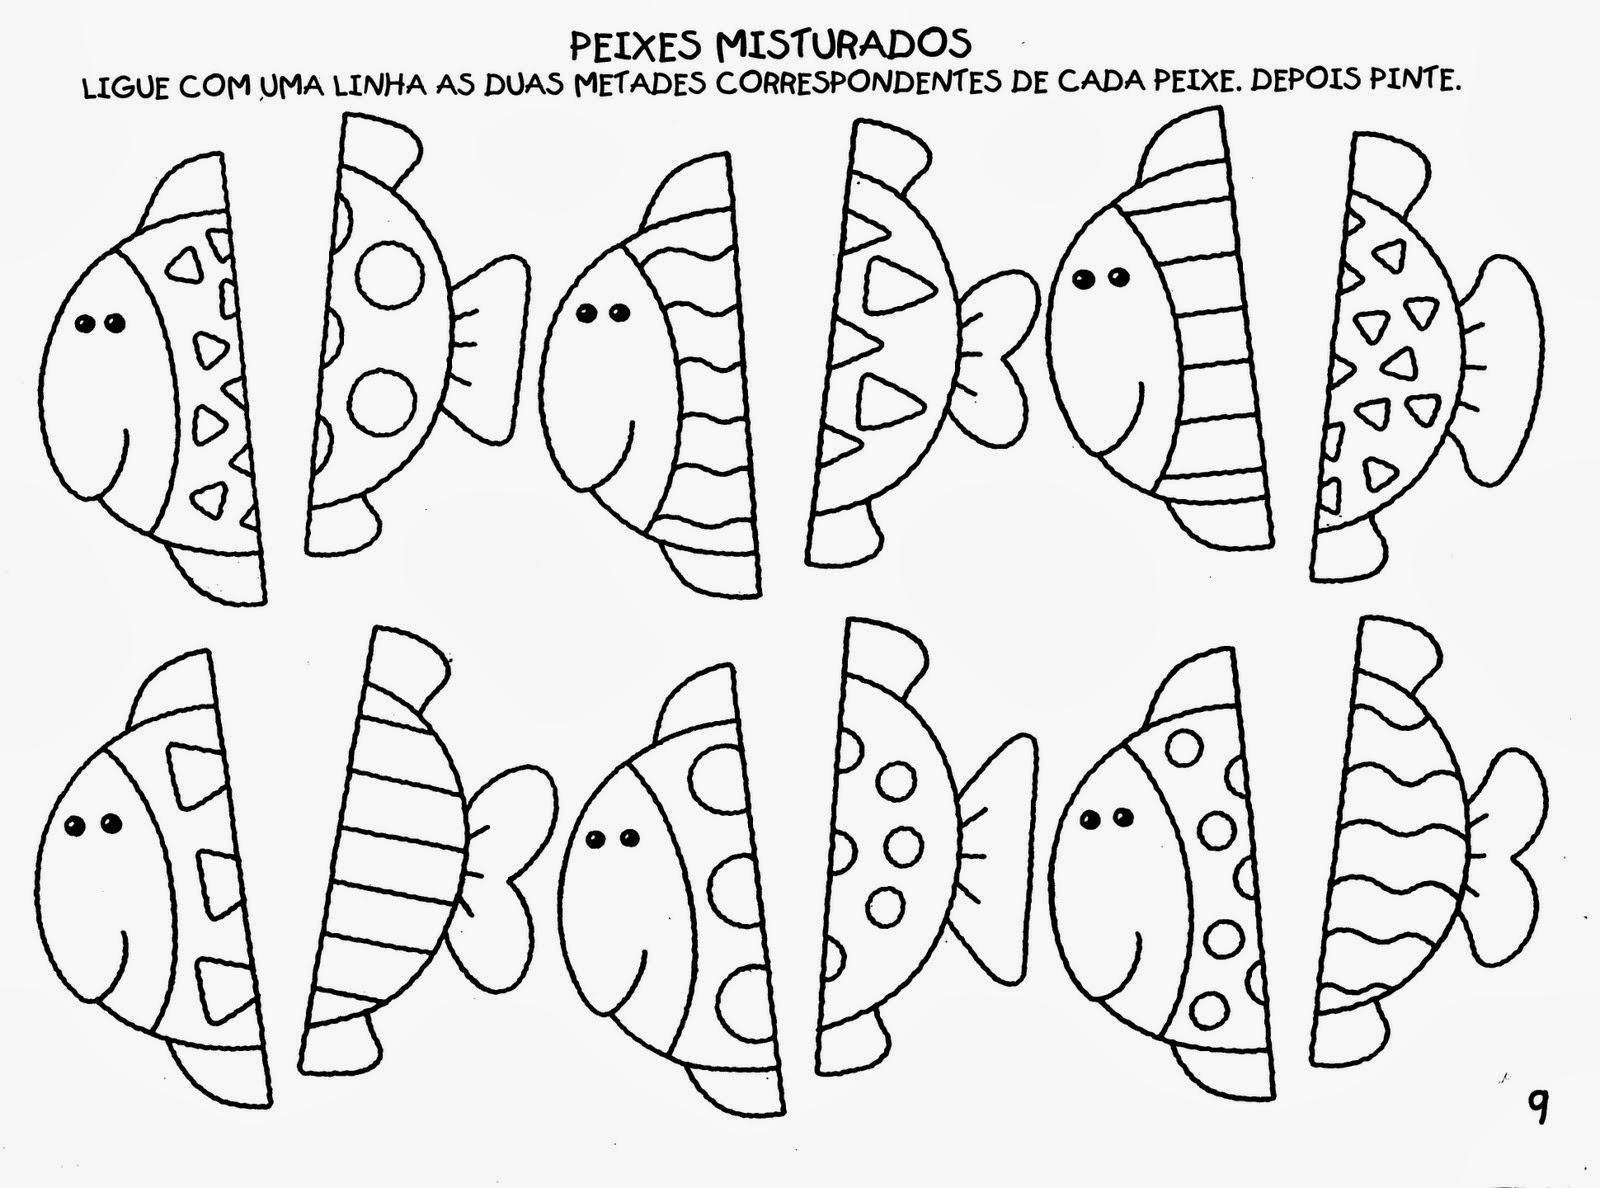 atividades de artes com linhas para imprimir 1 - Atividades de artes com linhas para aprendizado infantil